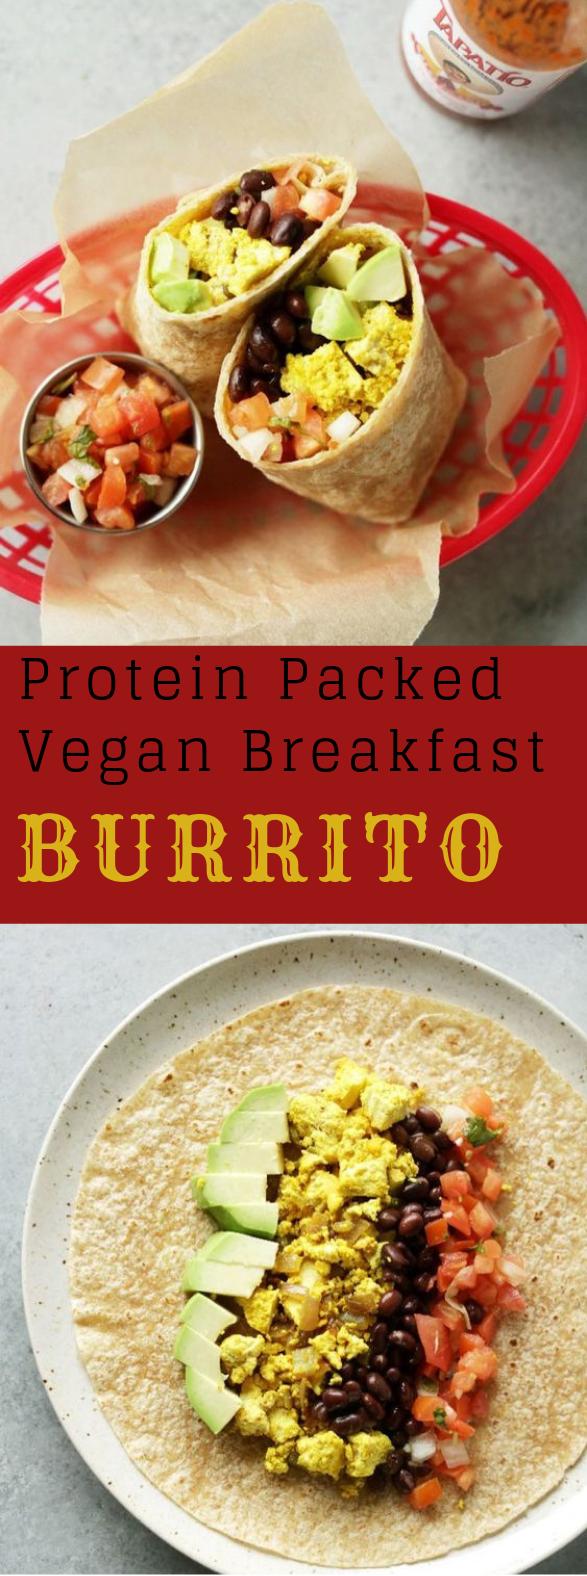 PROTEIN PACKED VEGAN BREAKFAST BURRITO #vegan #burrito